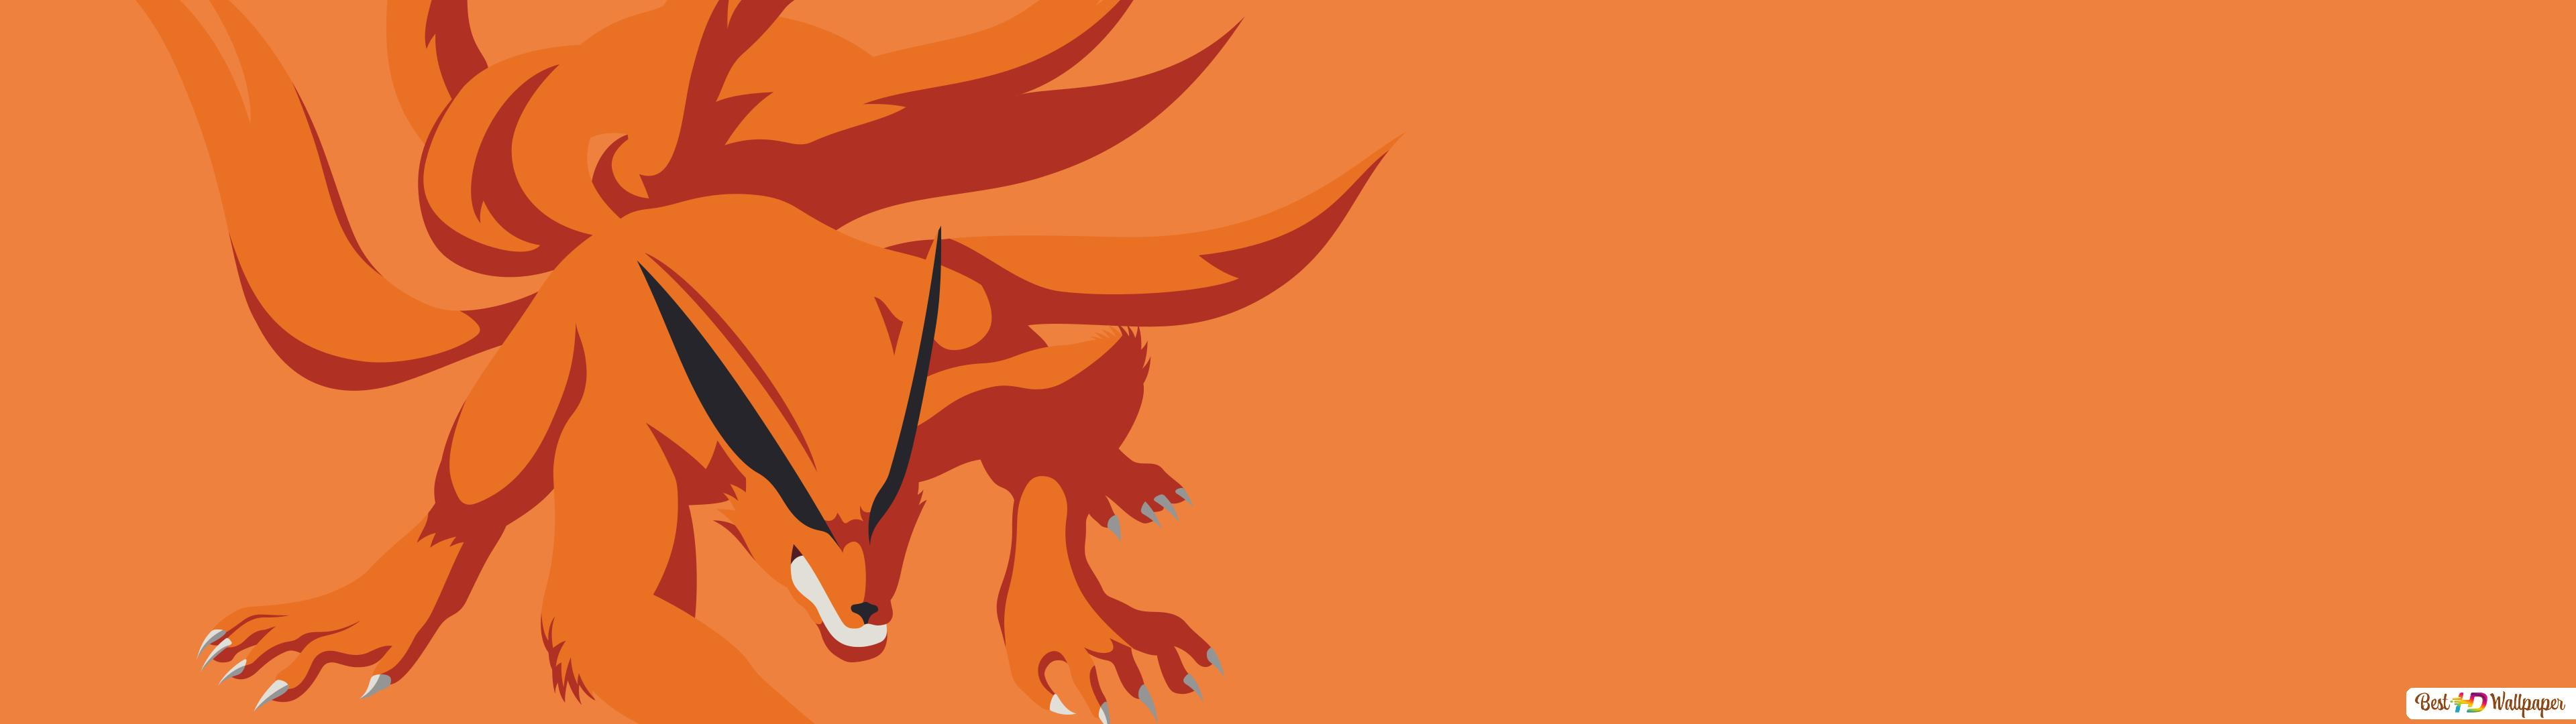 3840x1080 Wallpaper Naruto